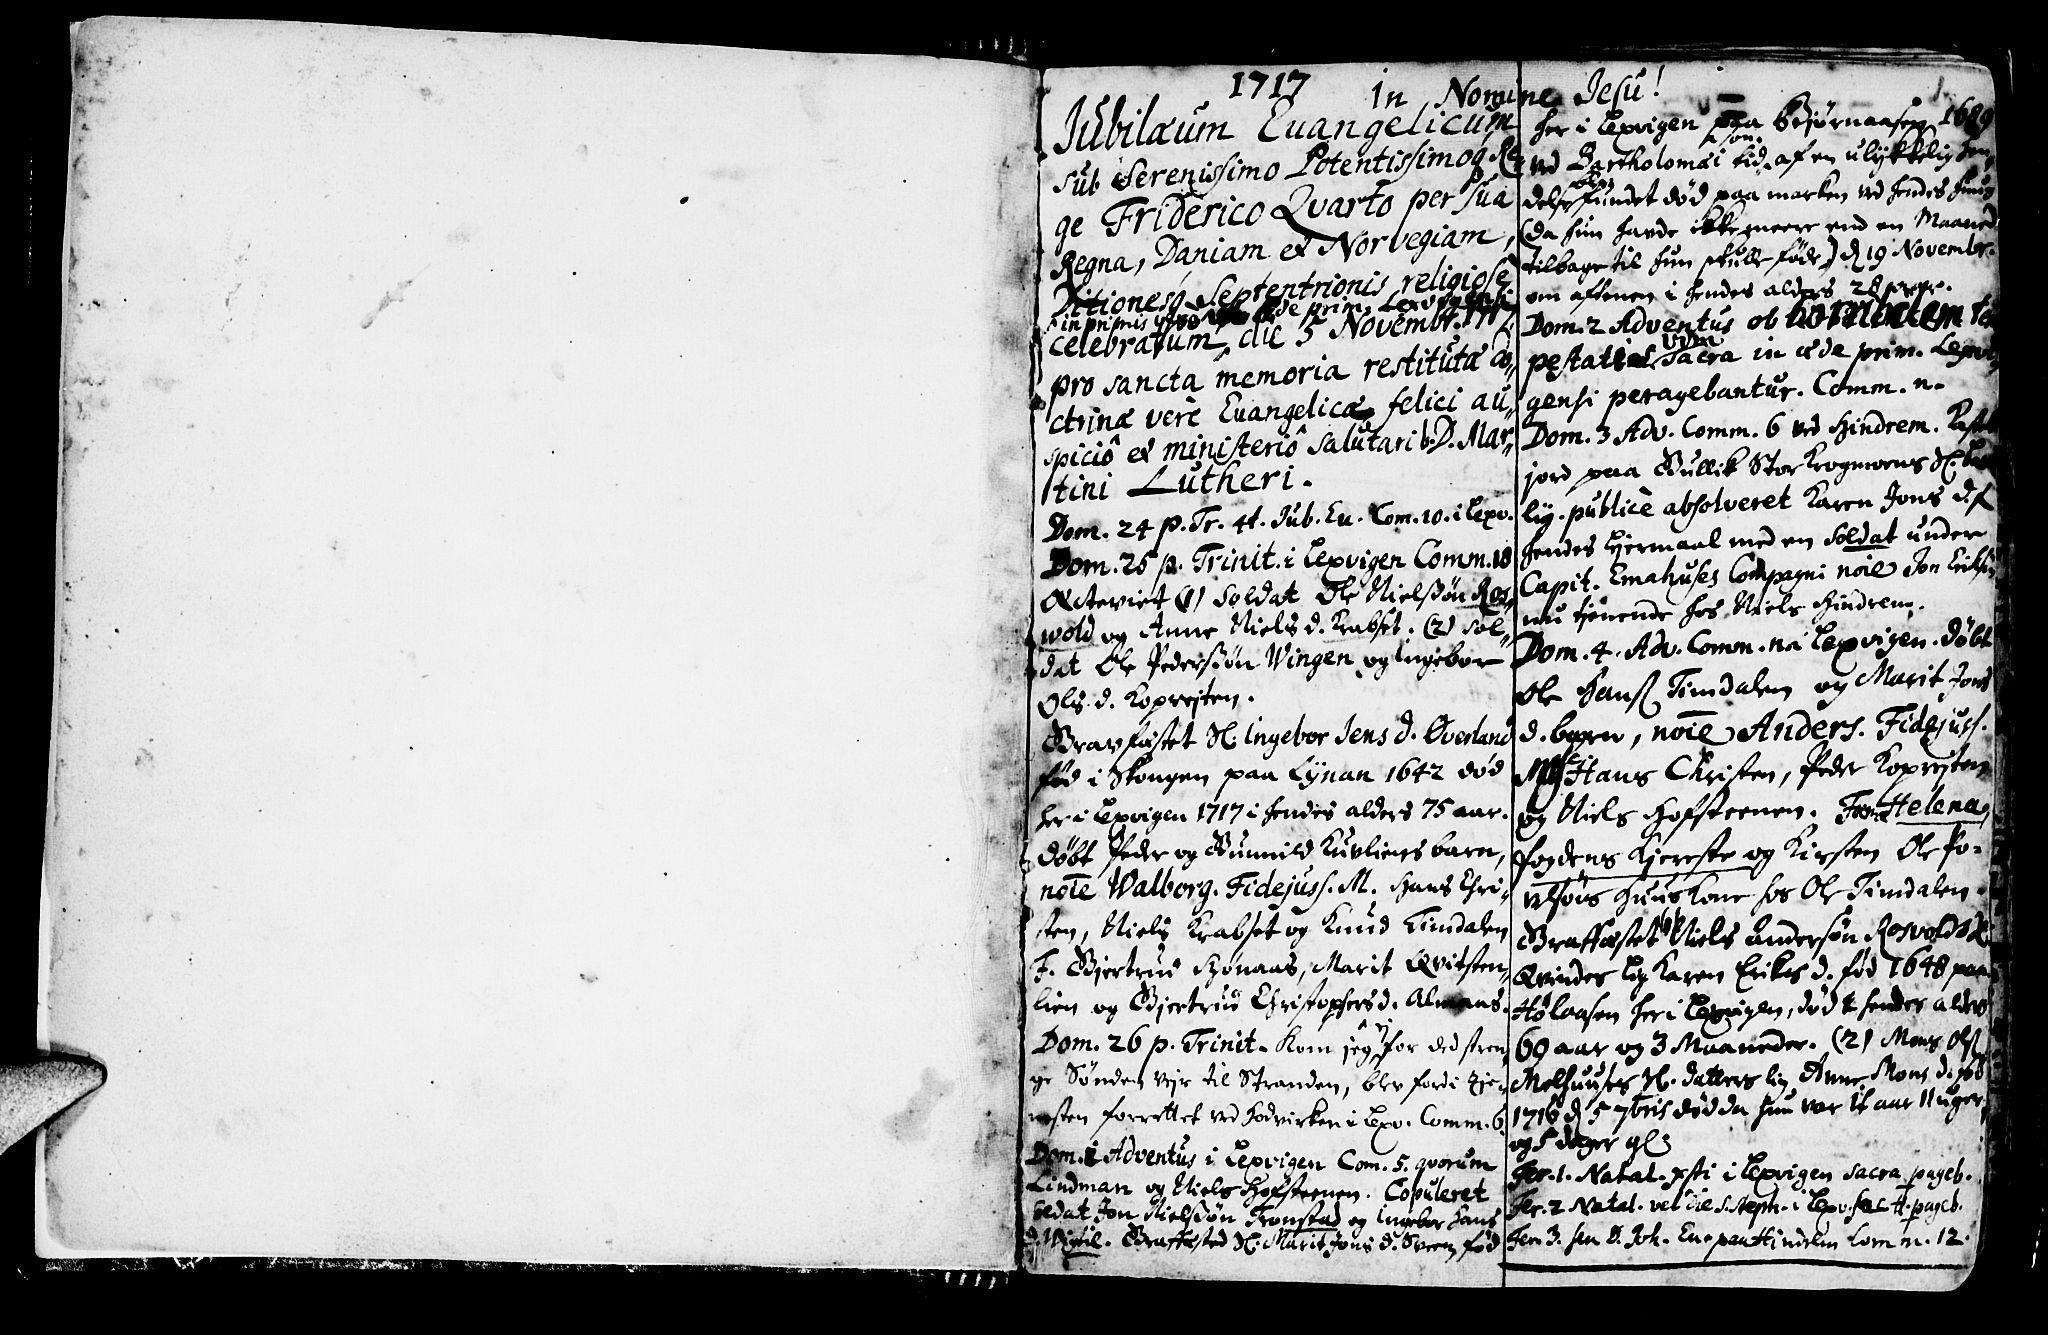 SAT, Ministerialprotokoller, klokkerbøker og fødselsregistre - Nord-Trøndelag, 701/L0001: Ministerialbok nr. 701A01, 1717-1731, s. 1